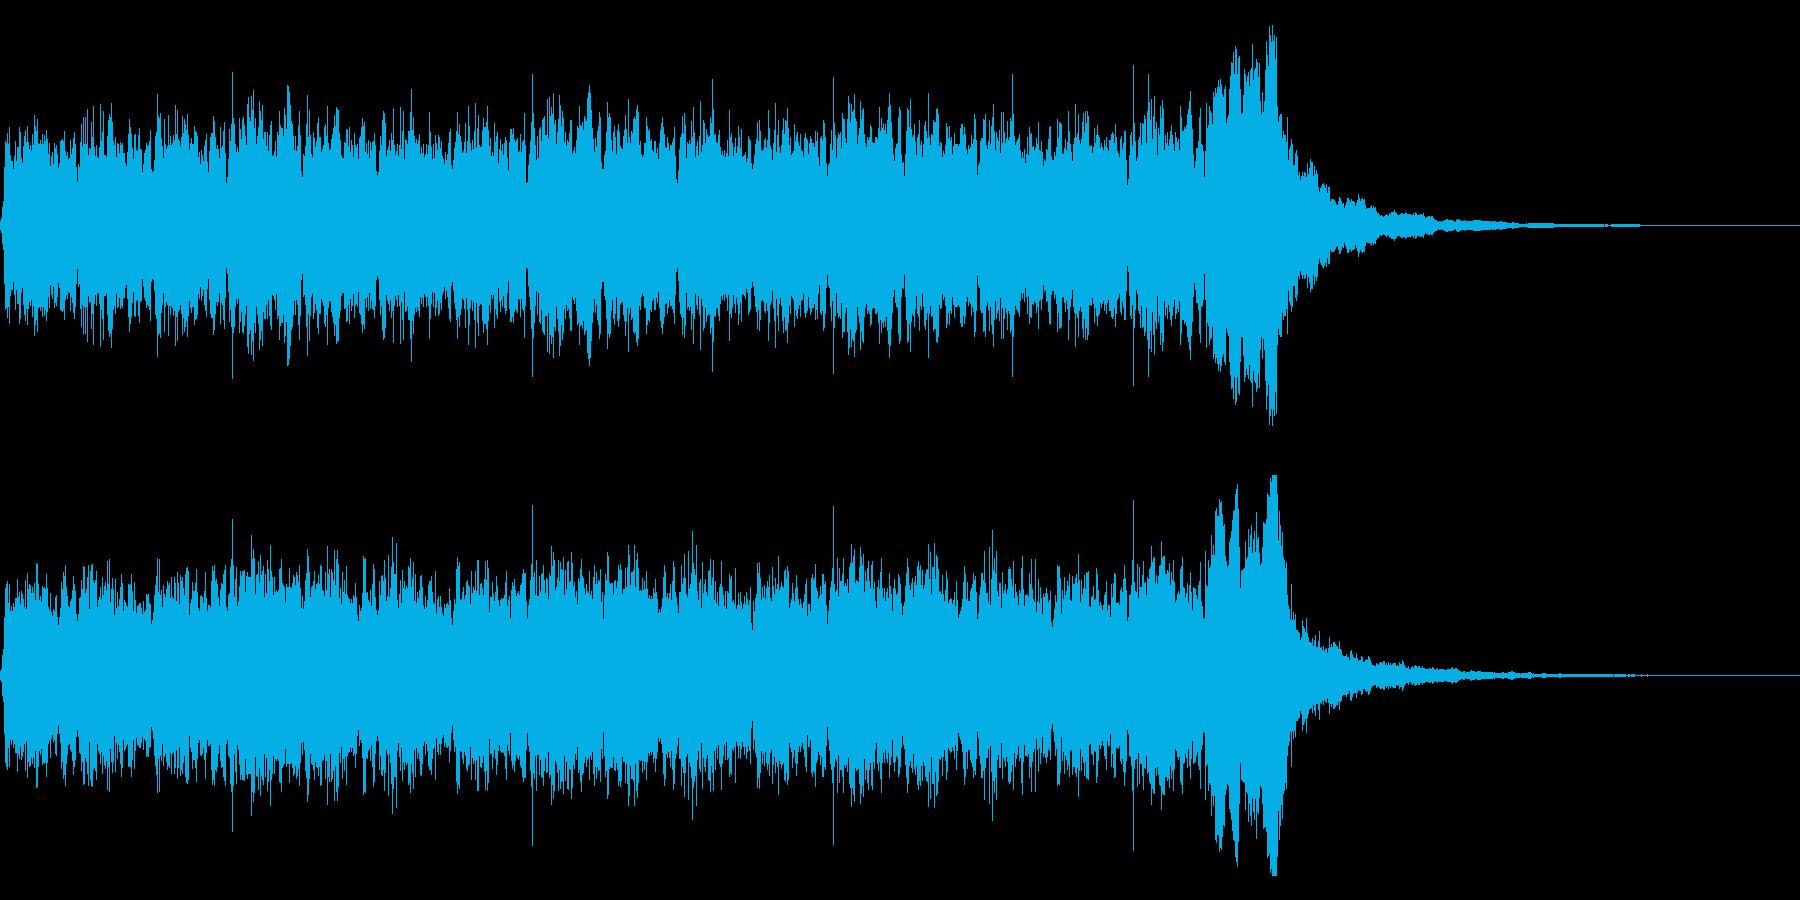 壮大な雰囲気のパイプオルガンとコーラスの再生済みの波形